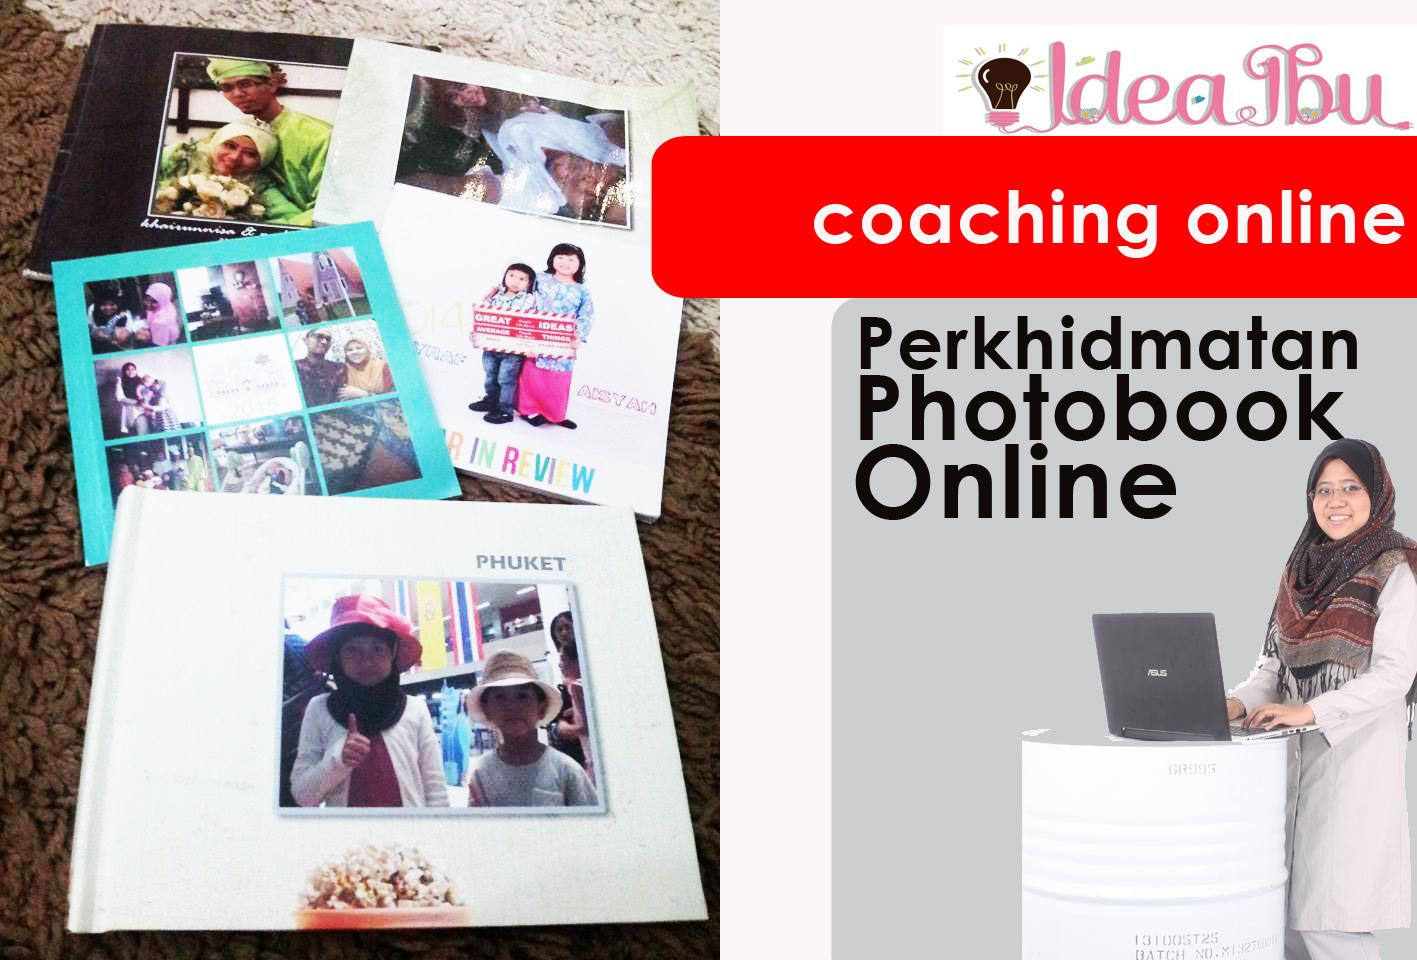 Belajar Buat Perkhidmatan Photobook Online Yang Menjana Pendapatan Dari Rumah